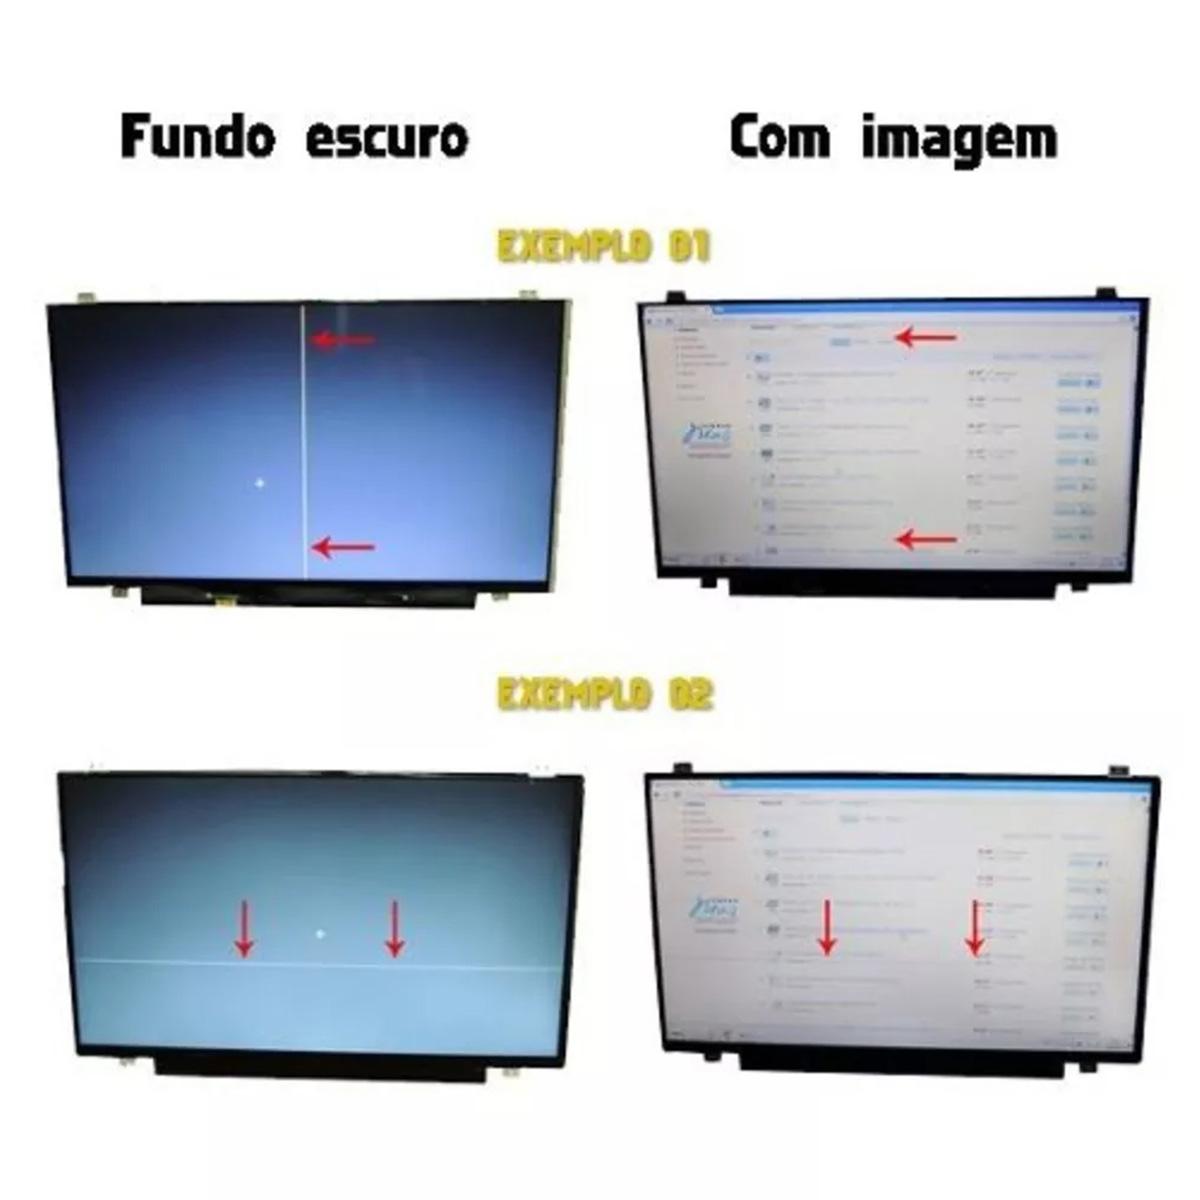 Tela 11.6 Led Slim 30 Pinos Pn: B116xtn01.0 Hw1a - Nova - COM LINHA DE PIXEL